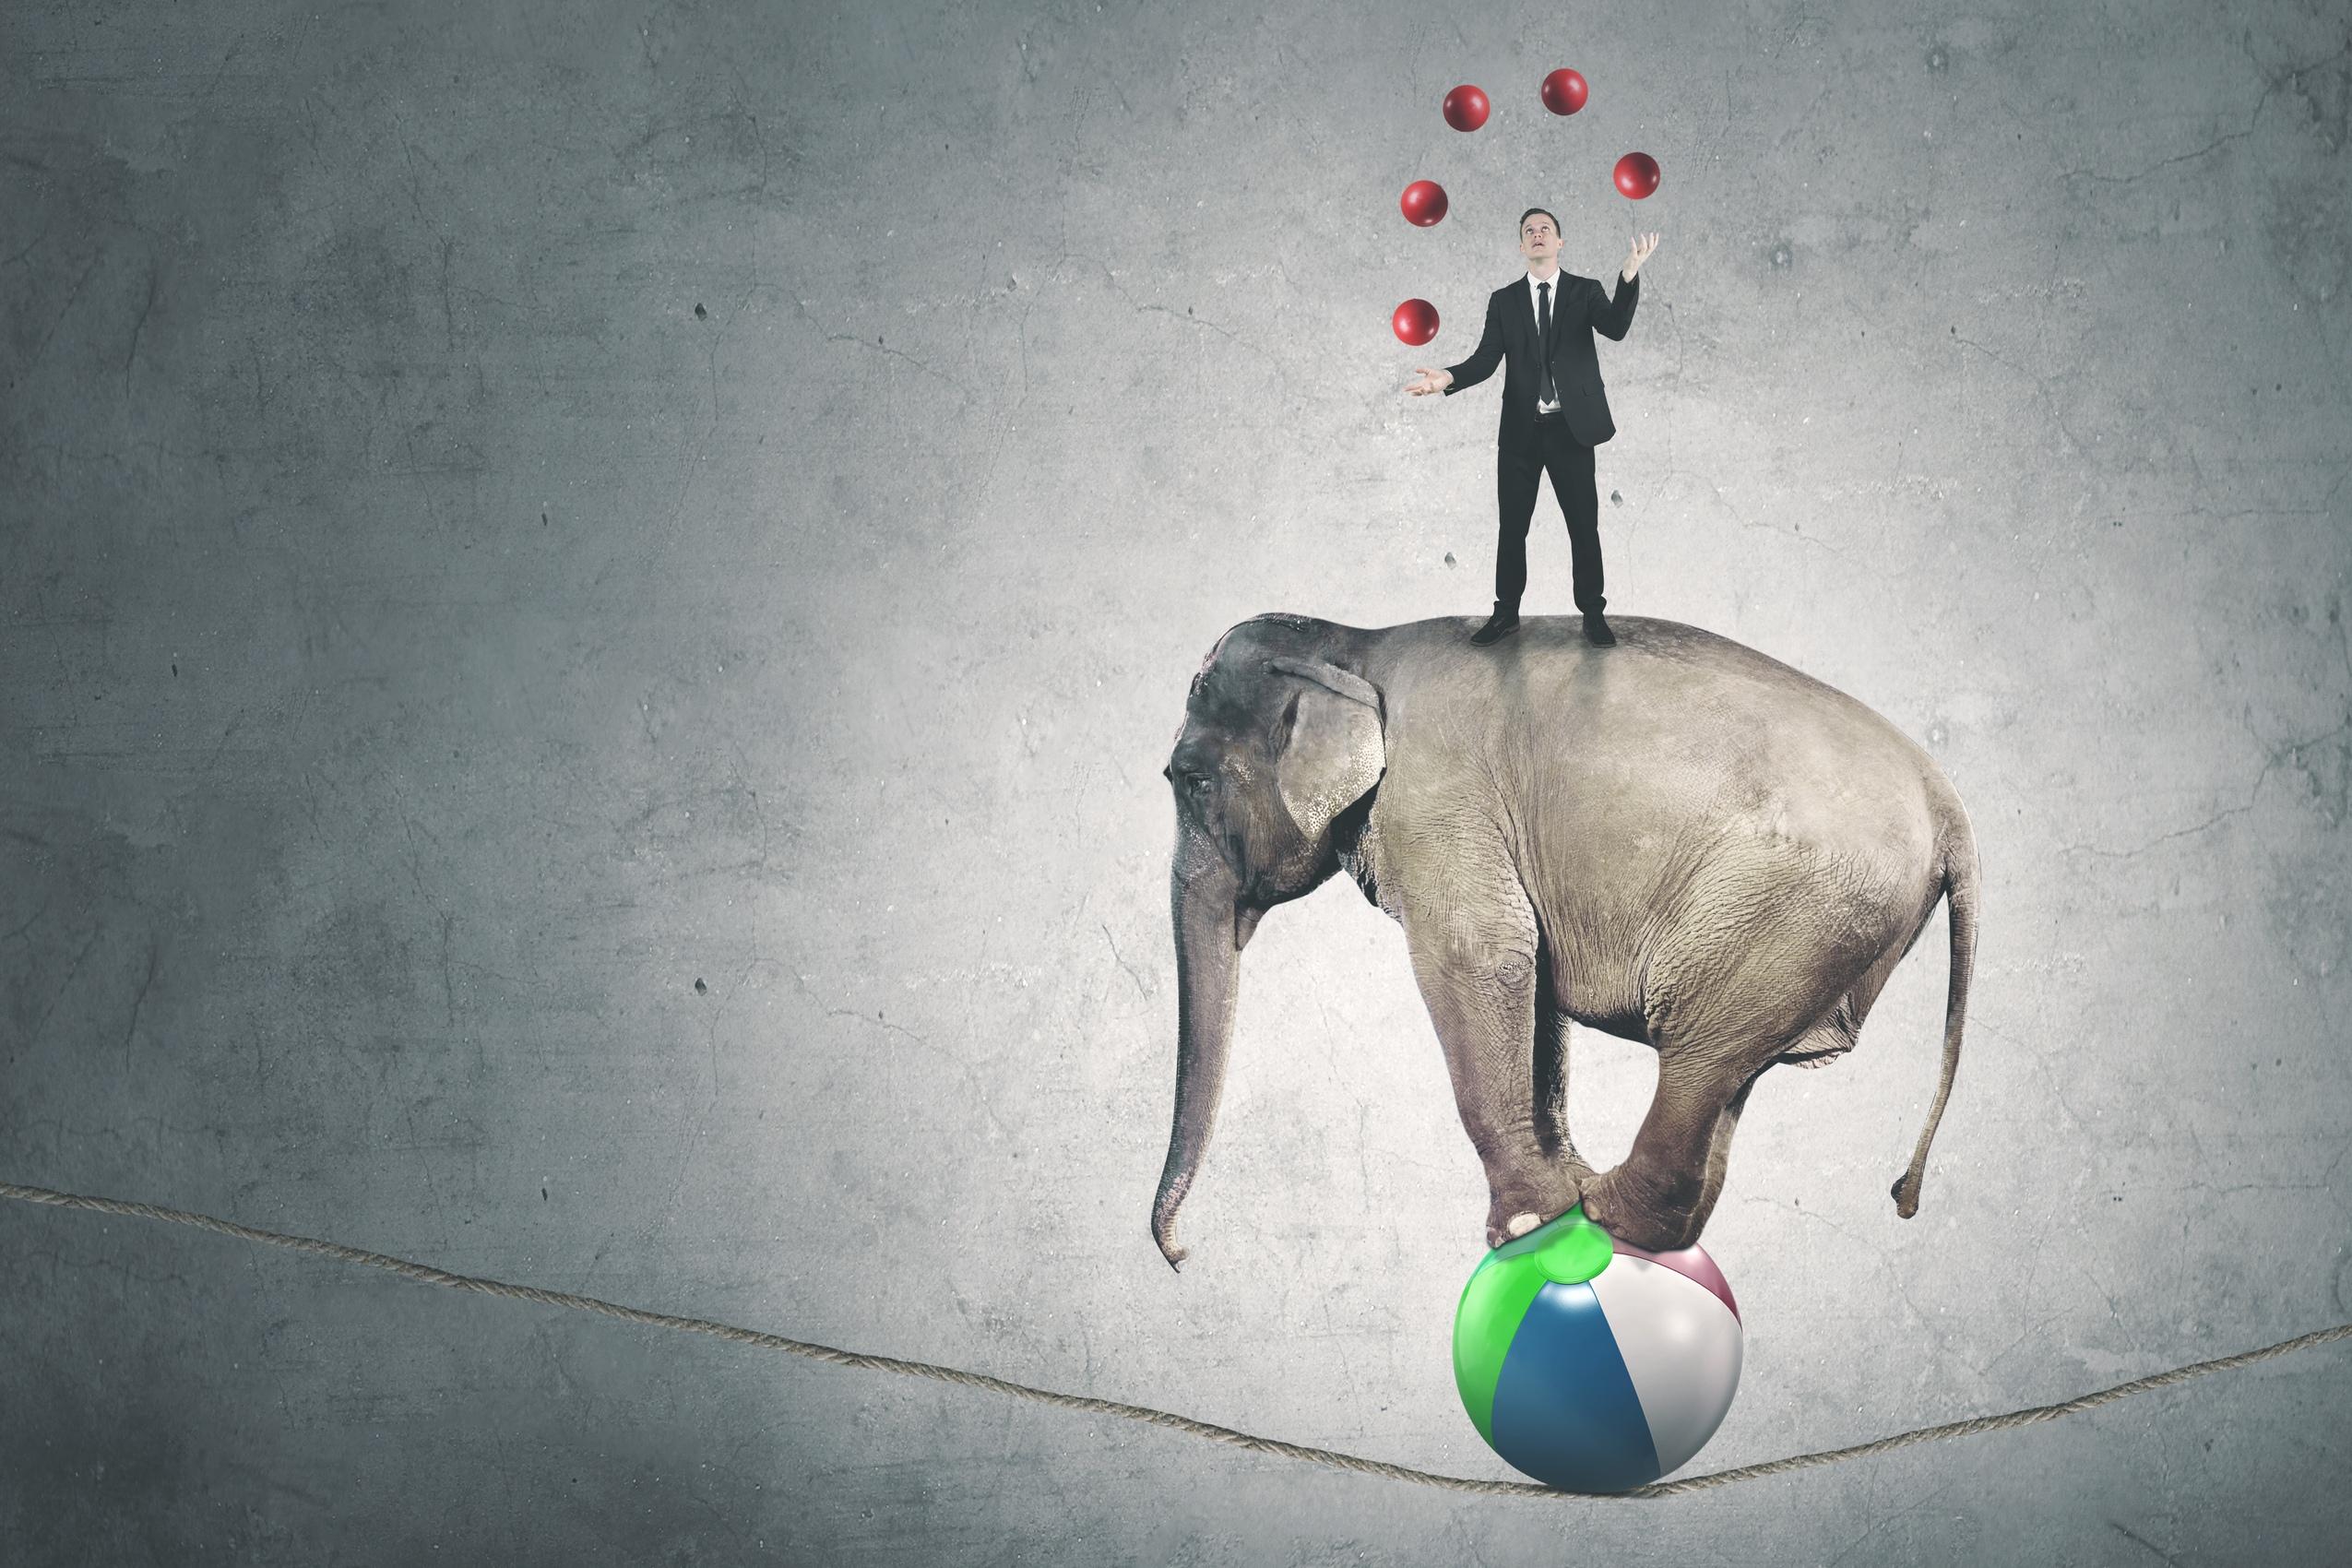 יועץ עסקי - ייעוץ עסקי וארגוני מודעות ניהולית למיקוד ולאסטרטגיה